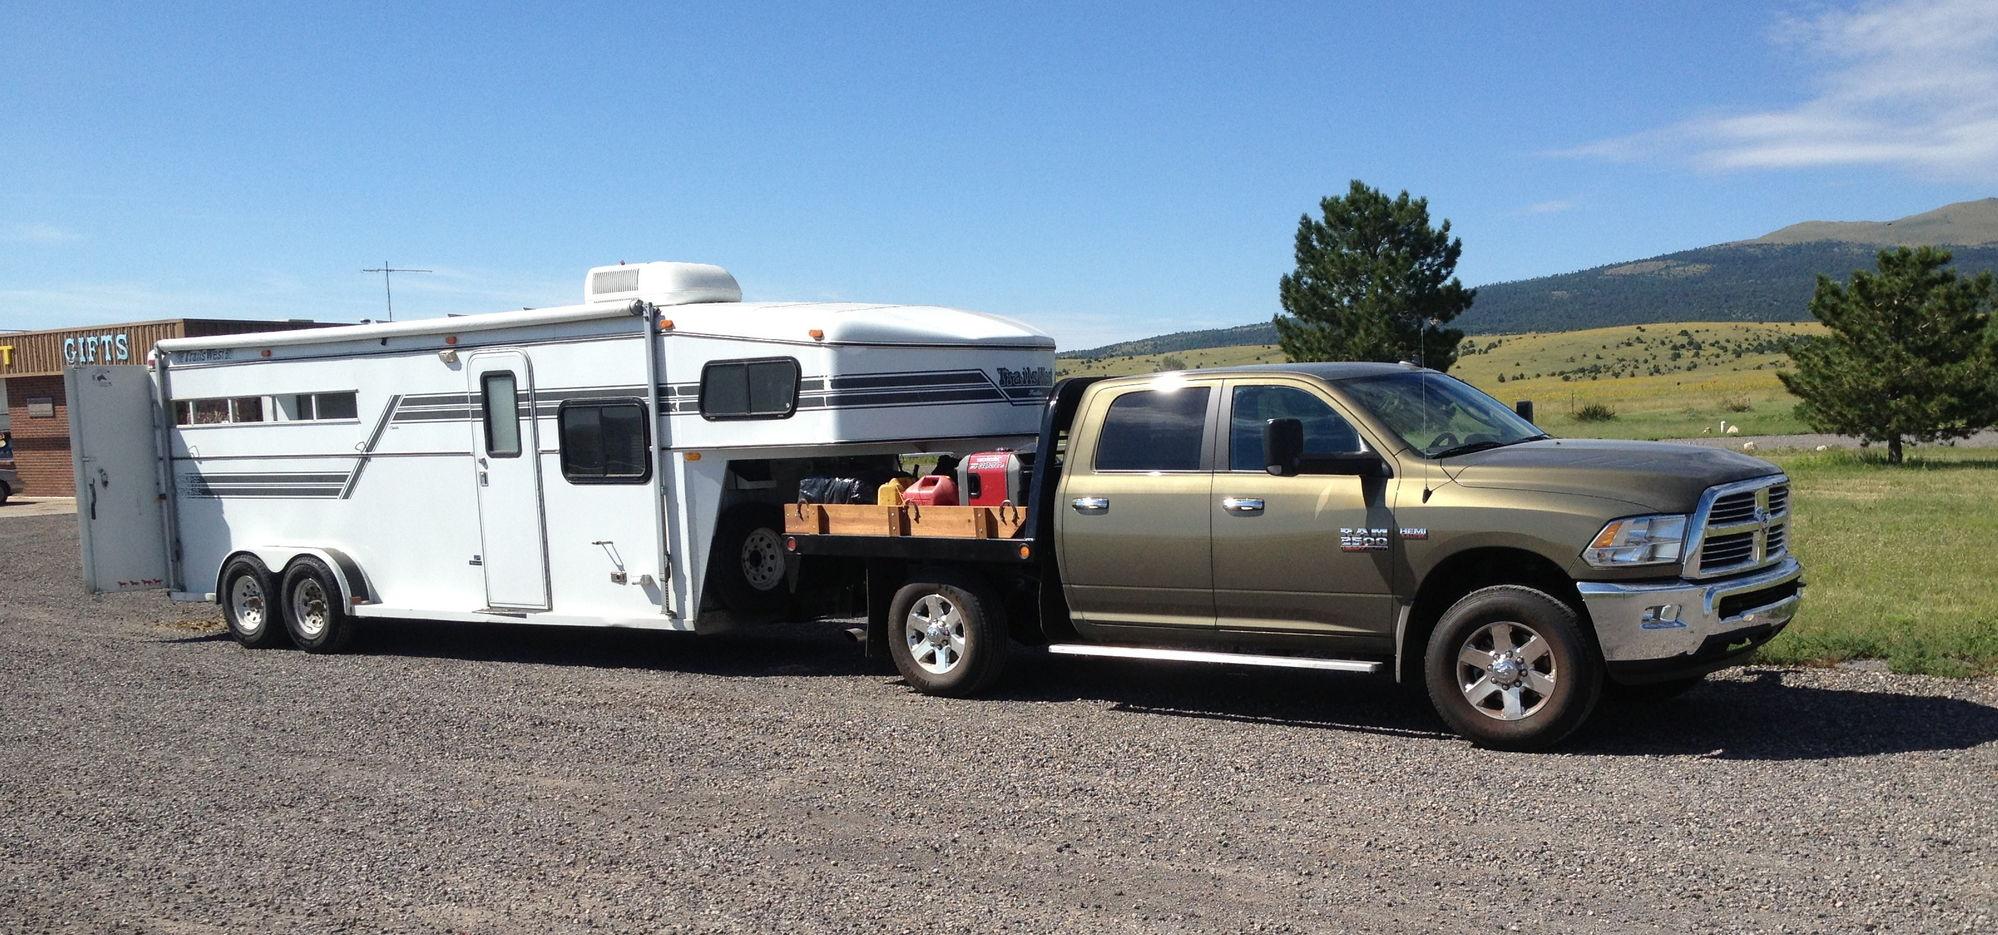 96 Dodge Dakota Wiring Diagram Auto Electrical Jawa Moped Ram 1500 Starter Location Solenoid